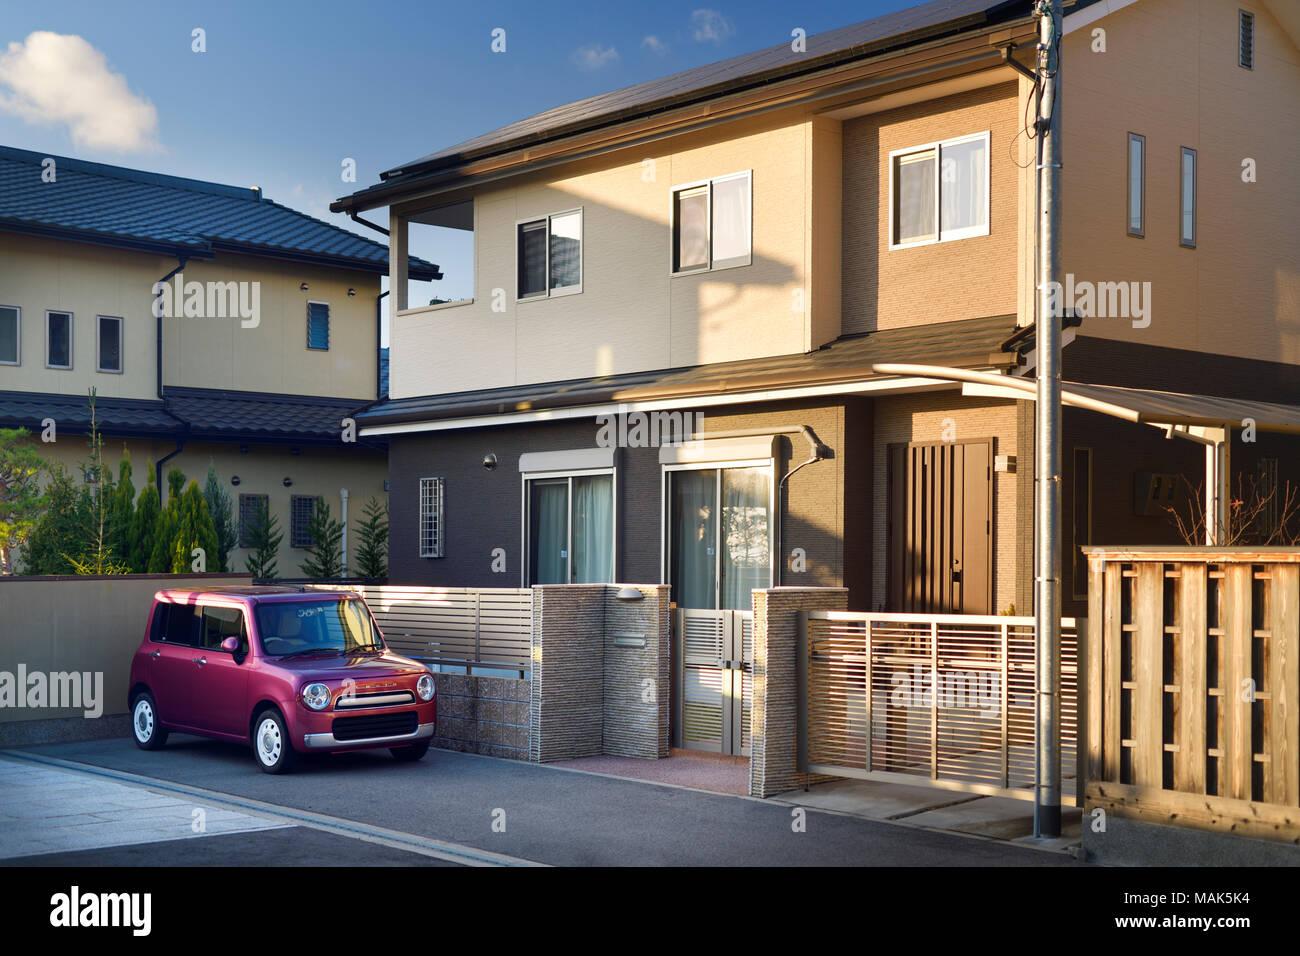 Moderne Japanische privaten Wohnhaus Äußeres mit einem kleinen Auto ...